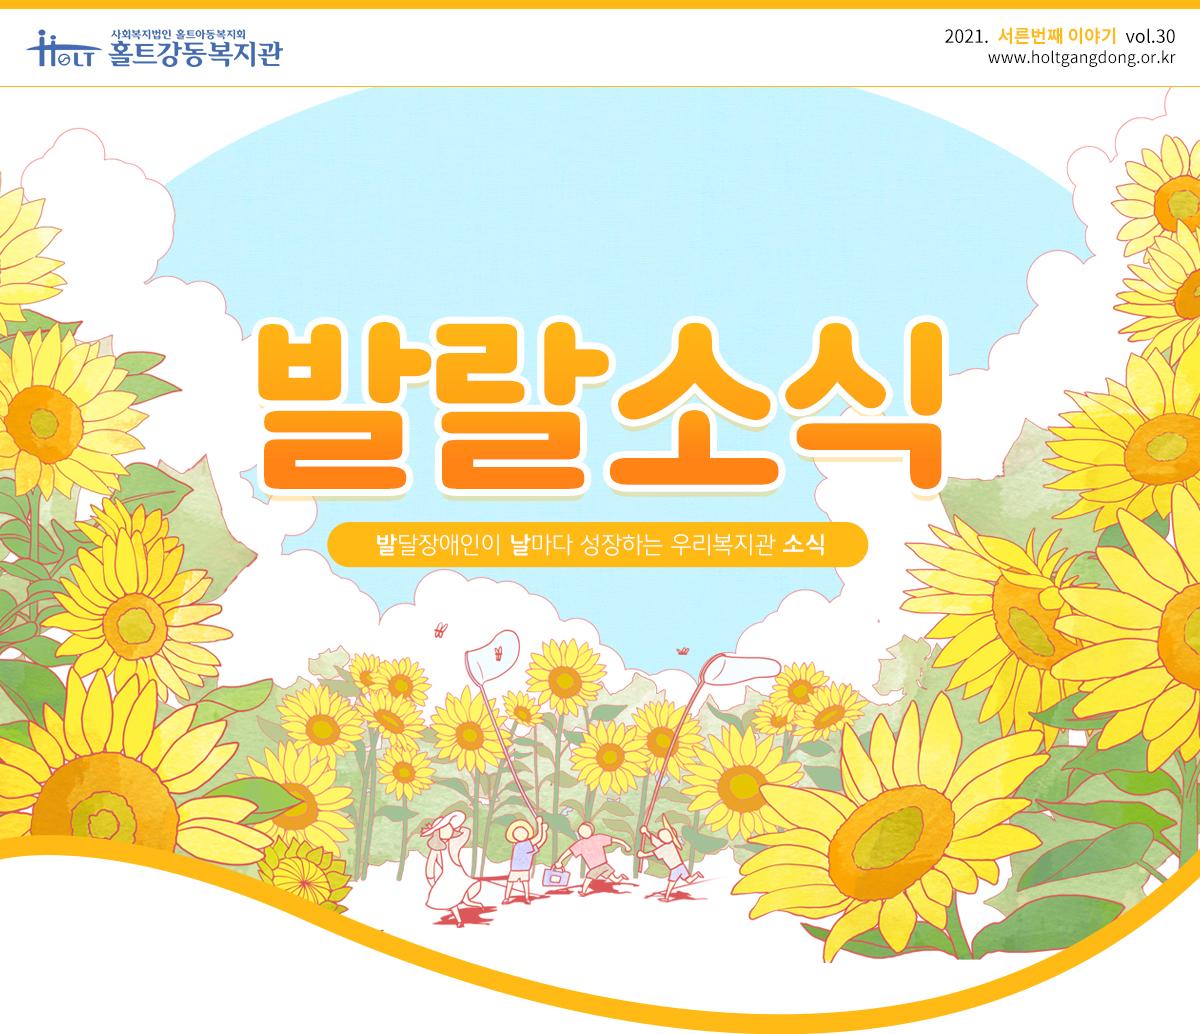 홀트강동복지관 8월 웹진